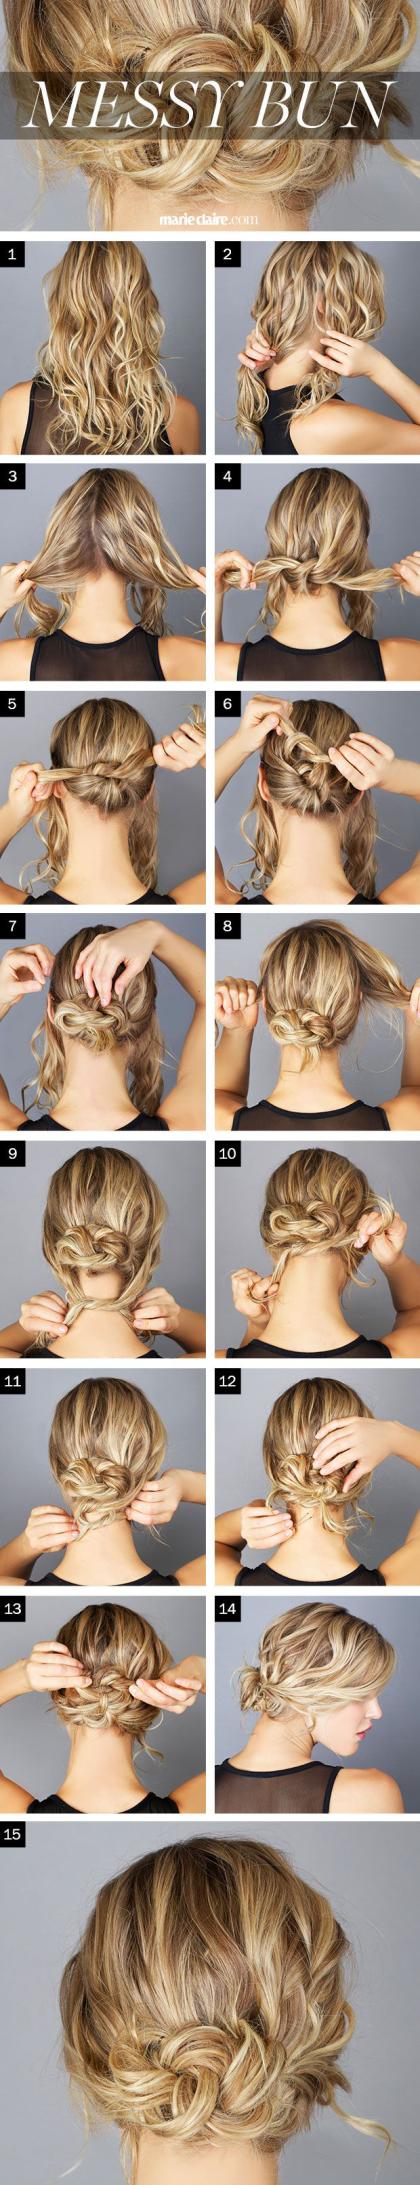 Simple y con estilo tutoriales de peinados Galería de tendencias de coloración del cabello - Tutoriales de Peinados para bodas | Peinado y maquillaje ...